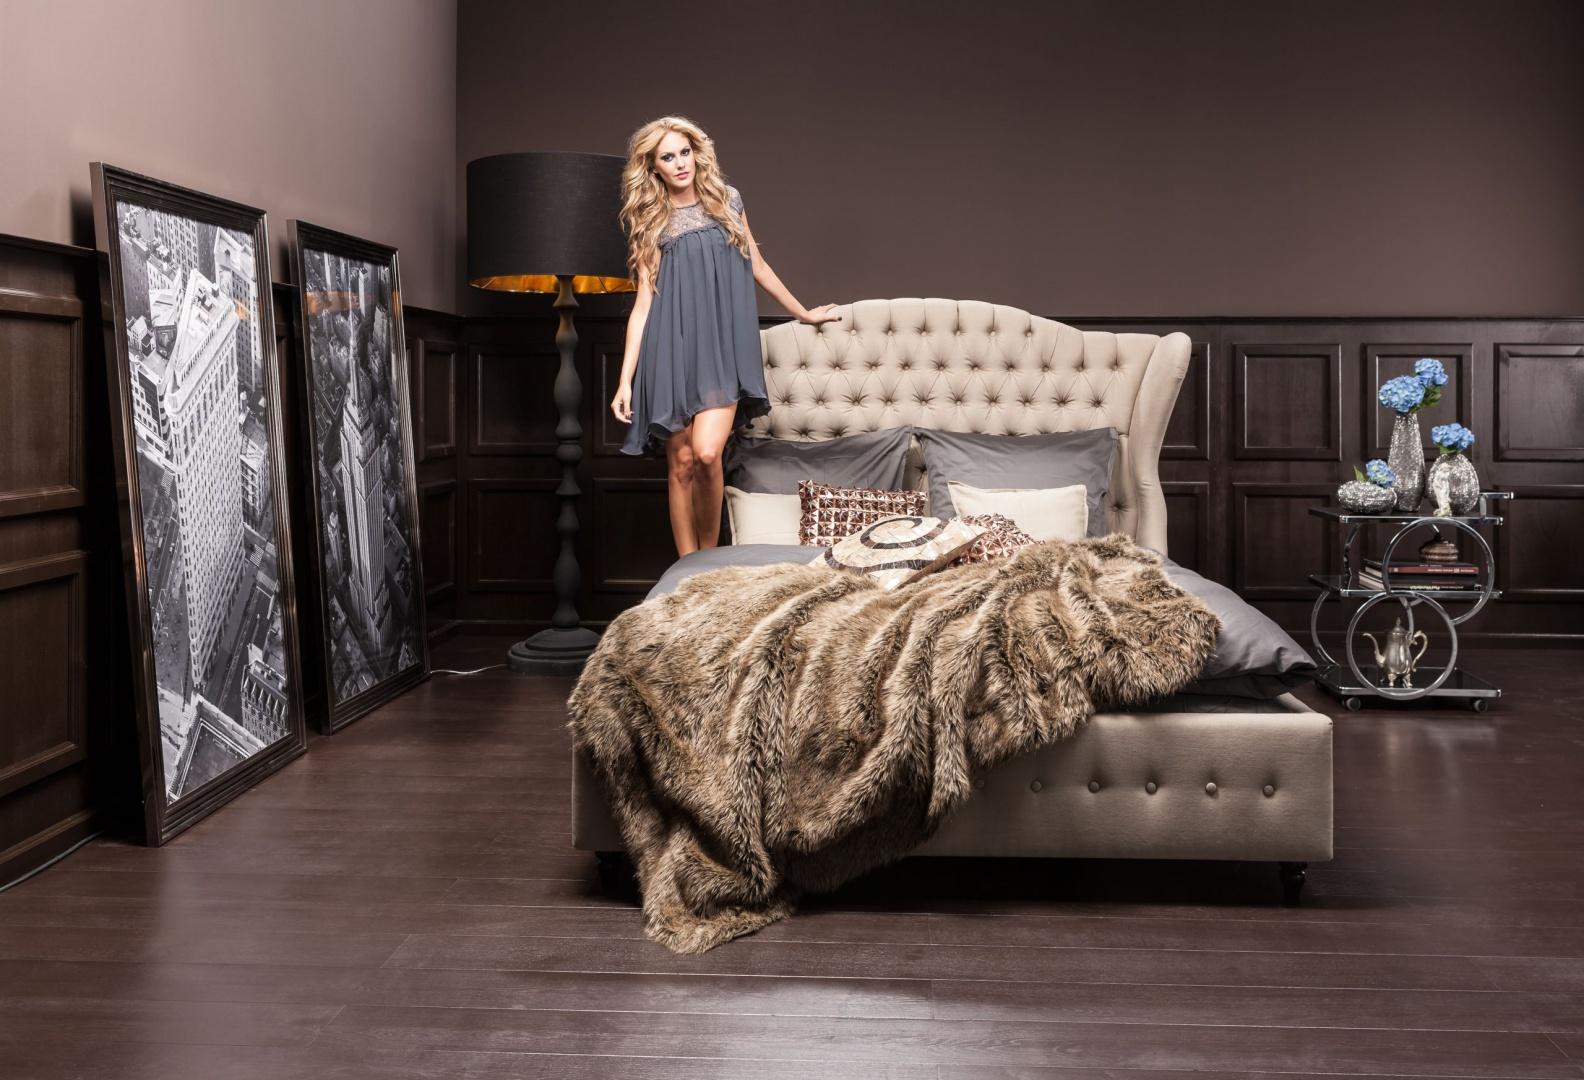 Prawdziwie królewskie łóżko CITY SPIRIT (160x200 cm) ma wysoki i miękki zagłówek; rama z drewna bukowego, obicie z beżowej mikrofibry. 6.889 zł, Kare Design